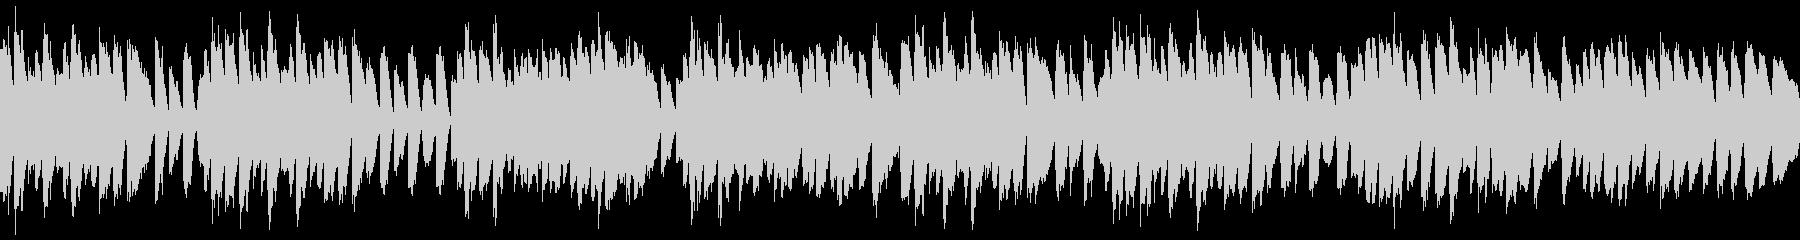 【便利】 ピアノB ラグタイム 【定番】の未再生の波形